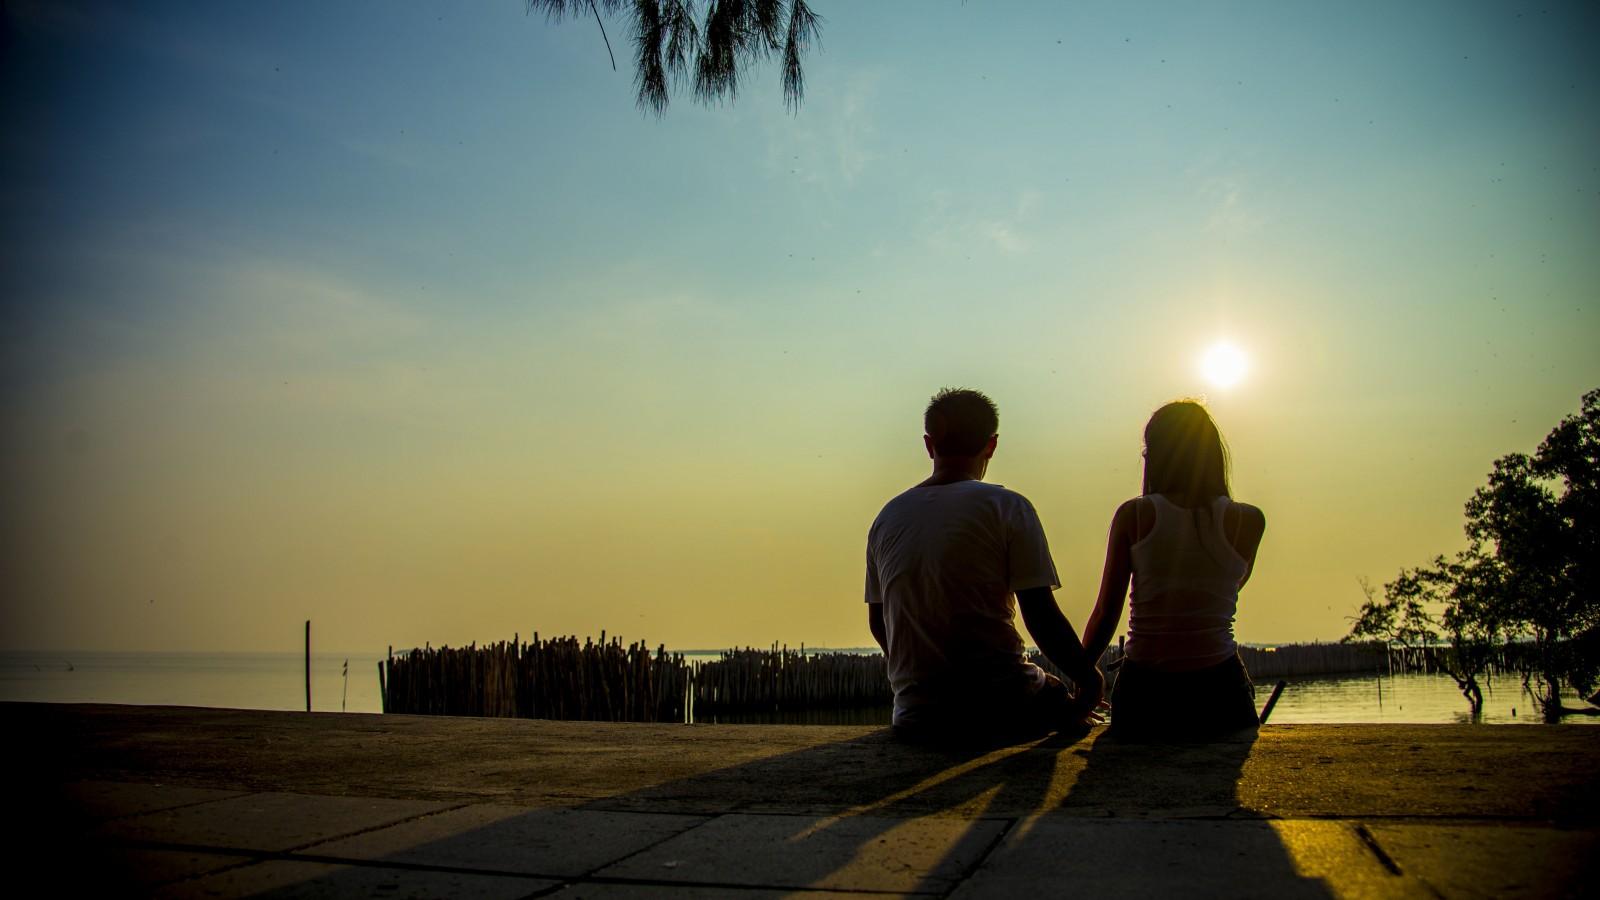 настоящая любовь, доверие в отношениях, избежать подозрений